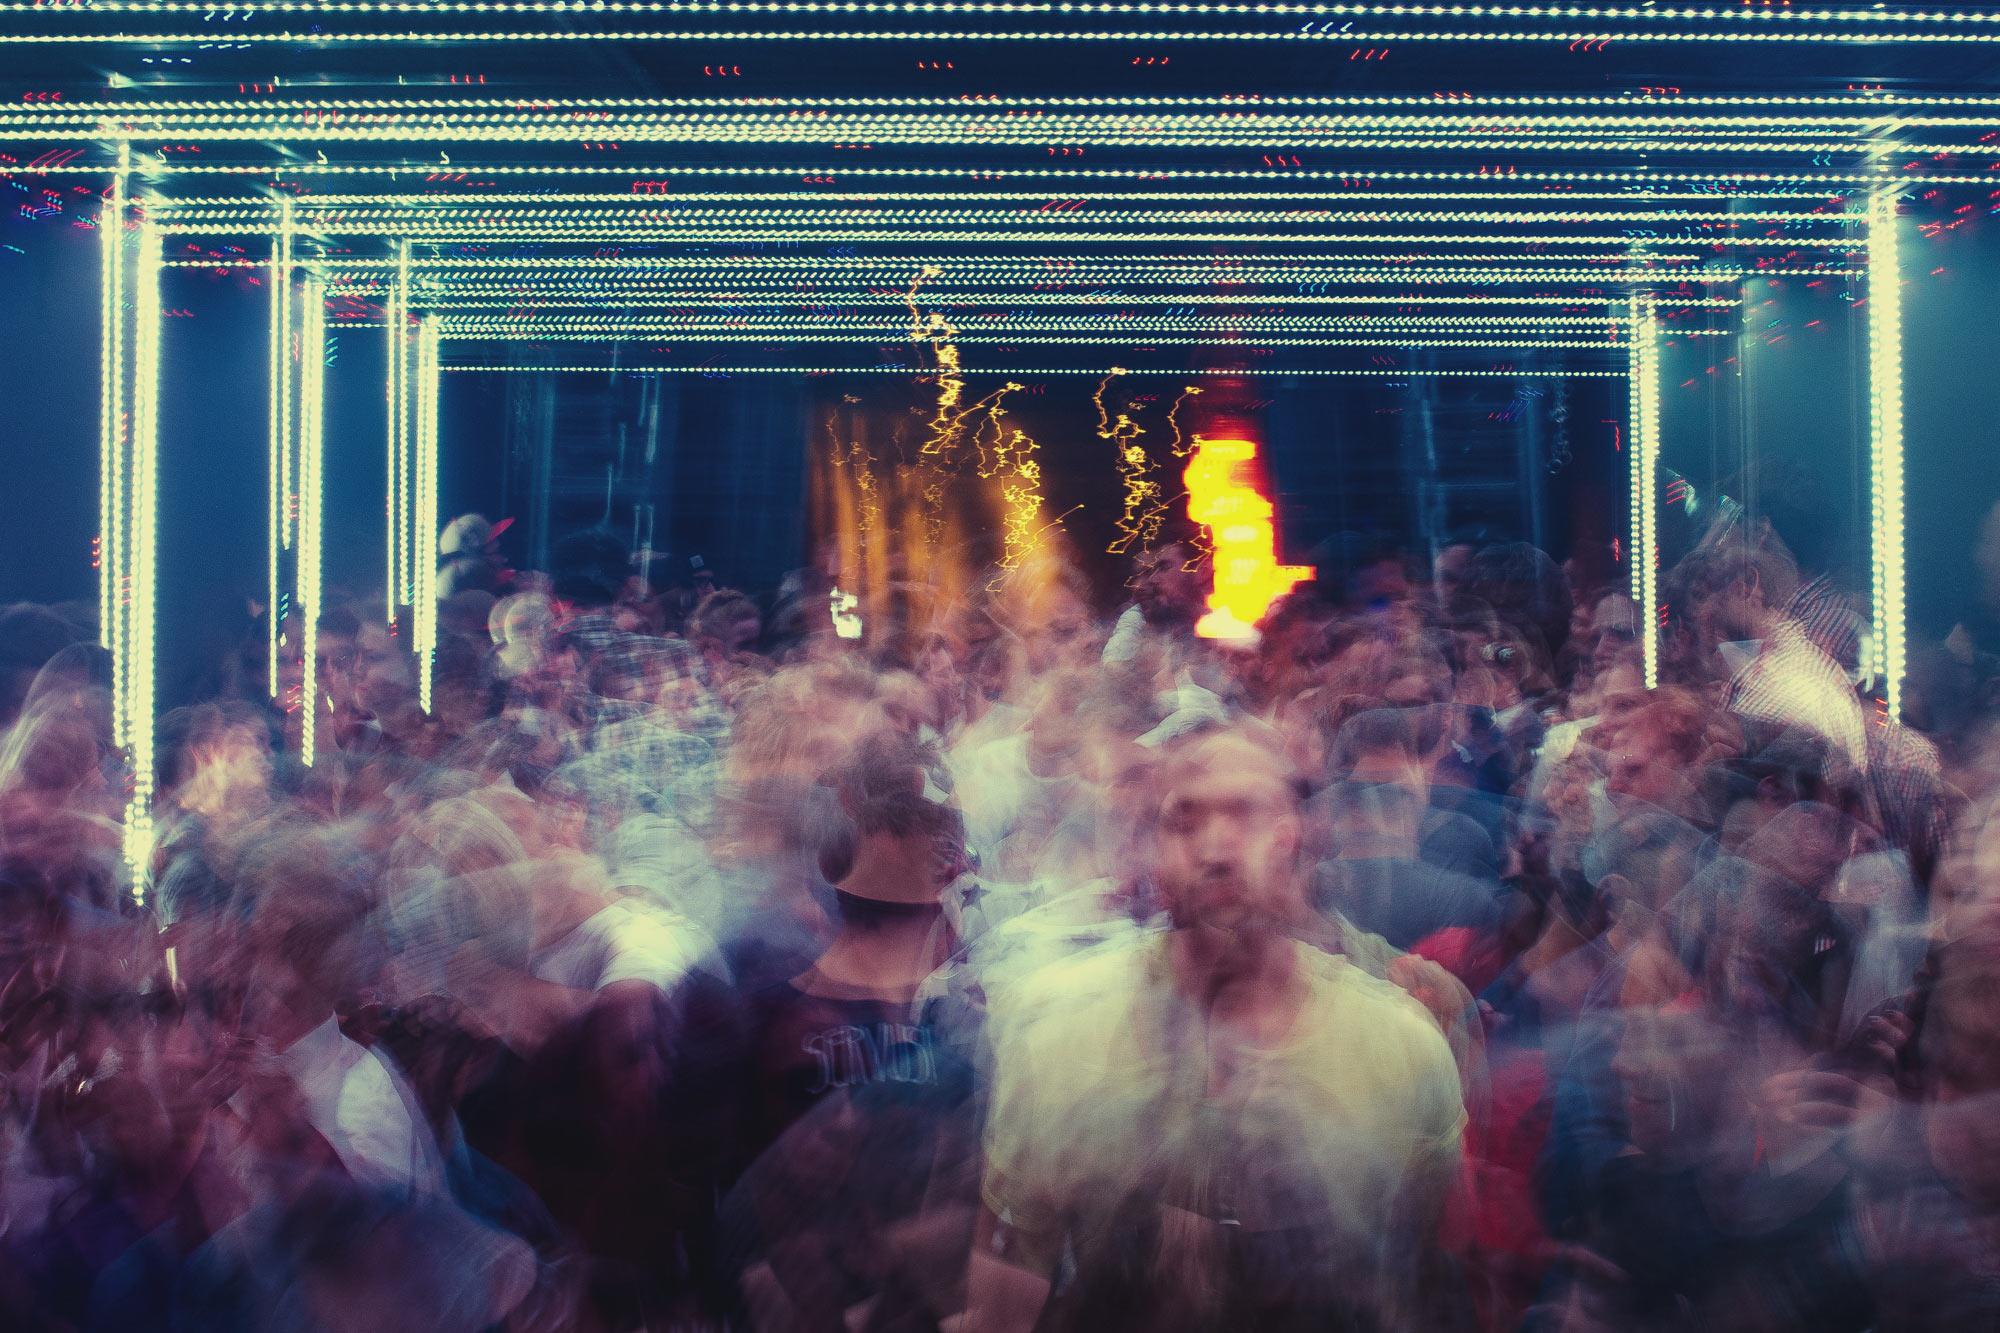 Die Bundesregierung will Videoüberwachung stark ausweiten. Betroffen sind auch Clubs und Diskotheken. Foto: CC-BY 2.0  PFNKIS